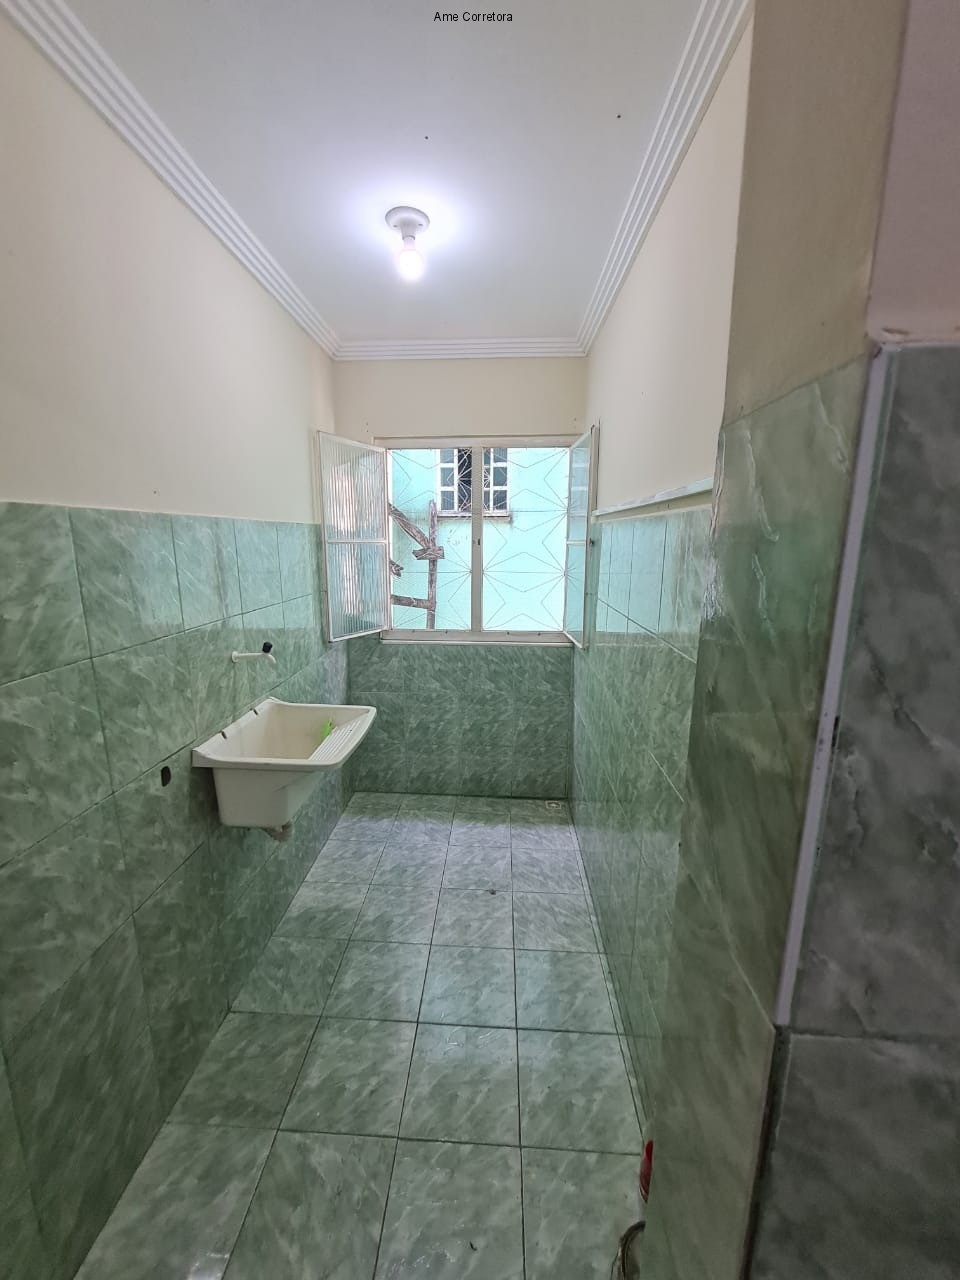 FOTO 14 - Apartamento 2 quartos para venda e aluguel Santíssimo, Rio de Janeiro - R$ 1.000 - AP00464 - 15